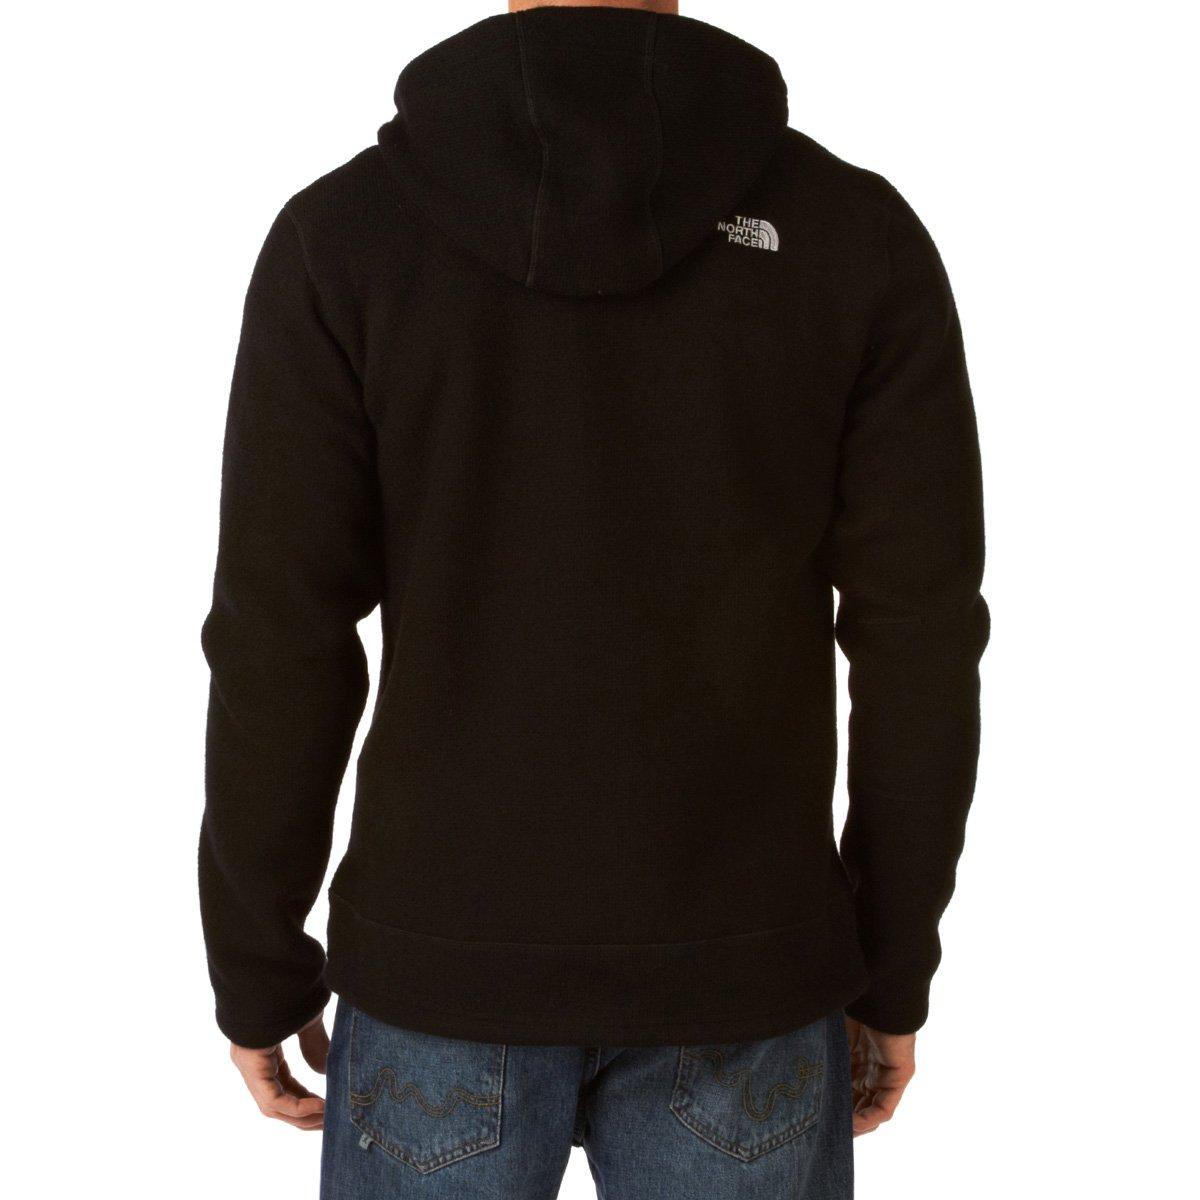 c36455752 THE NORTH FACE Zermatt Men's Hooded Jacket Full Zip